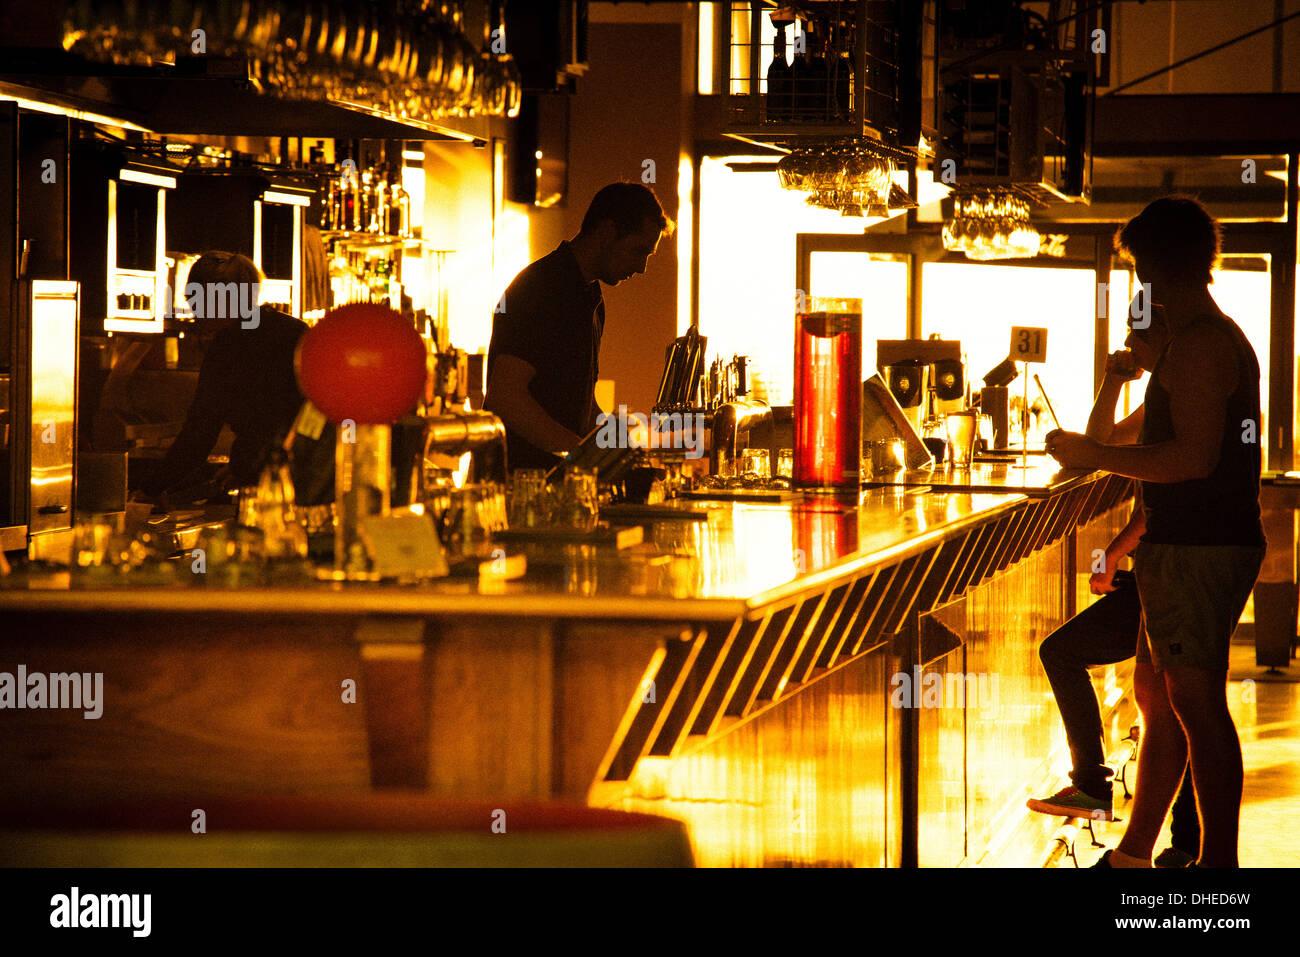 Personale e patroni di una barra di Glenelg (in Adelaide) stagliano contro il tramonto. Immagini Stock